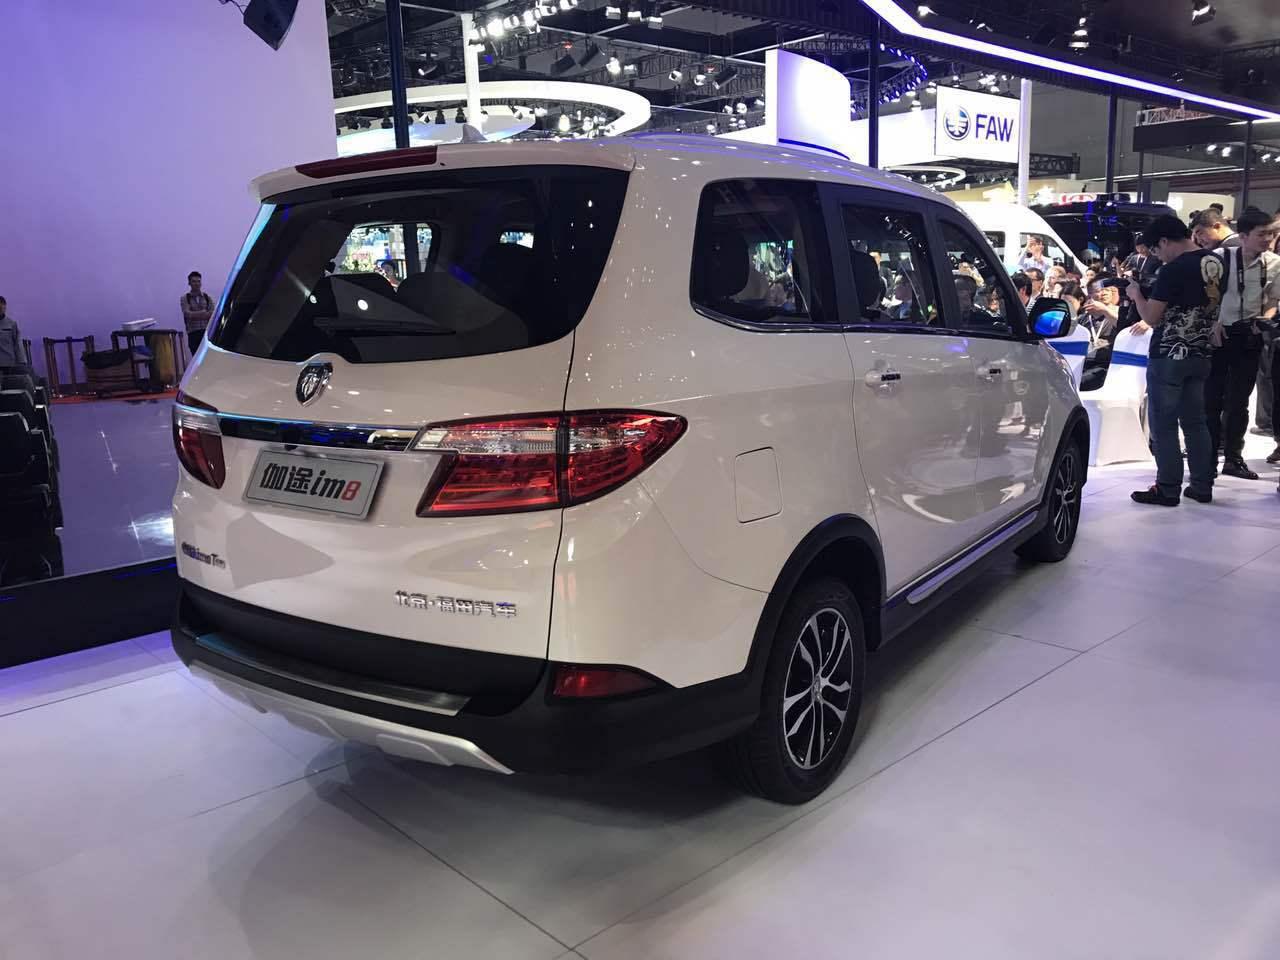 2017上海车展:伽途im8 1.4T车型亮相